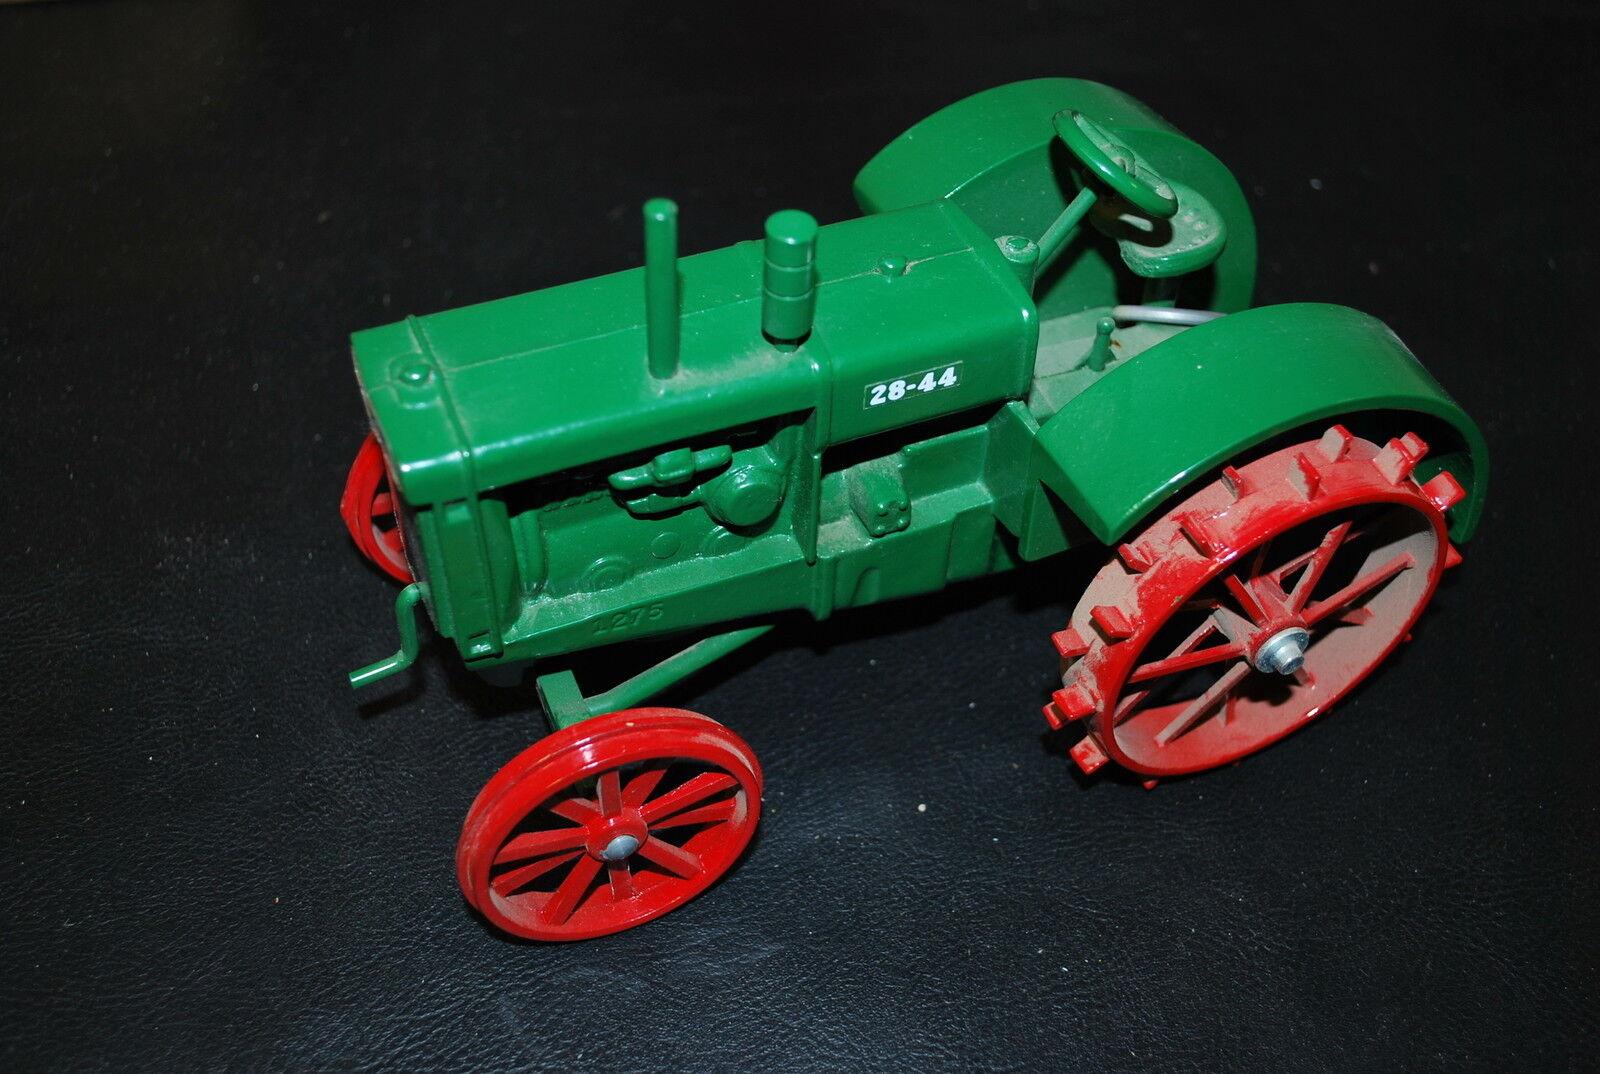 1 16 Oliver 28-44 Tracteur par Echelle Modèles, Agréable Difficile à Trouver